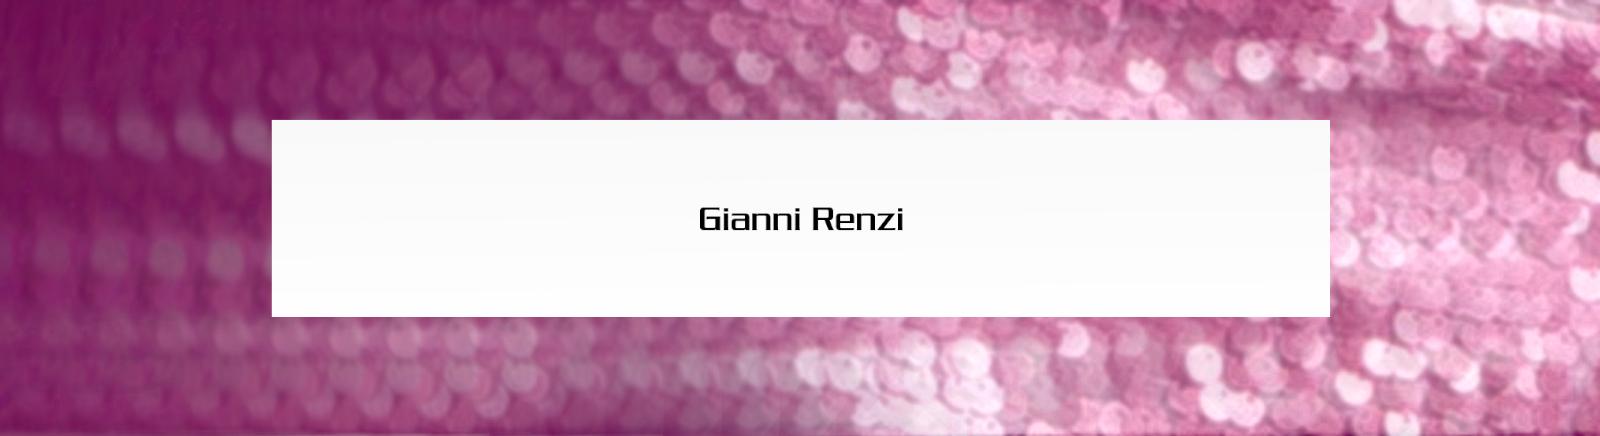 Prange: Gianni Renzi Schnürschuhe für Damen online shoppen